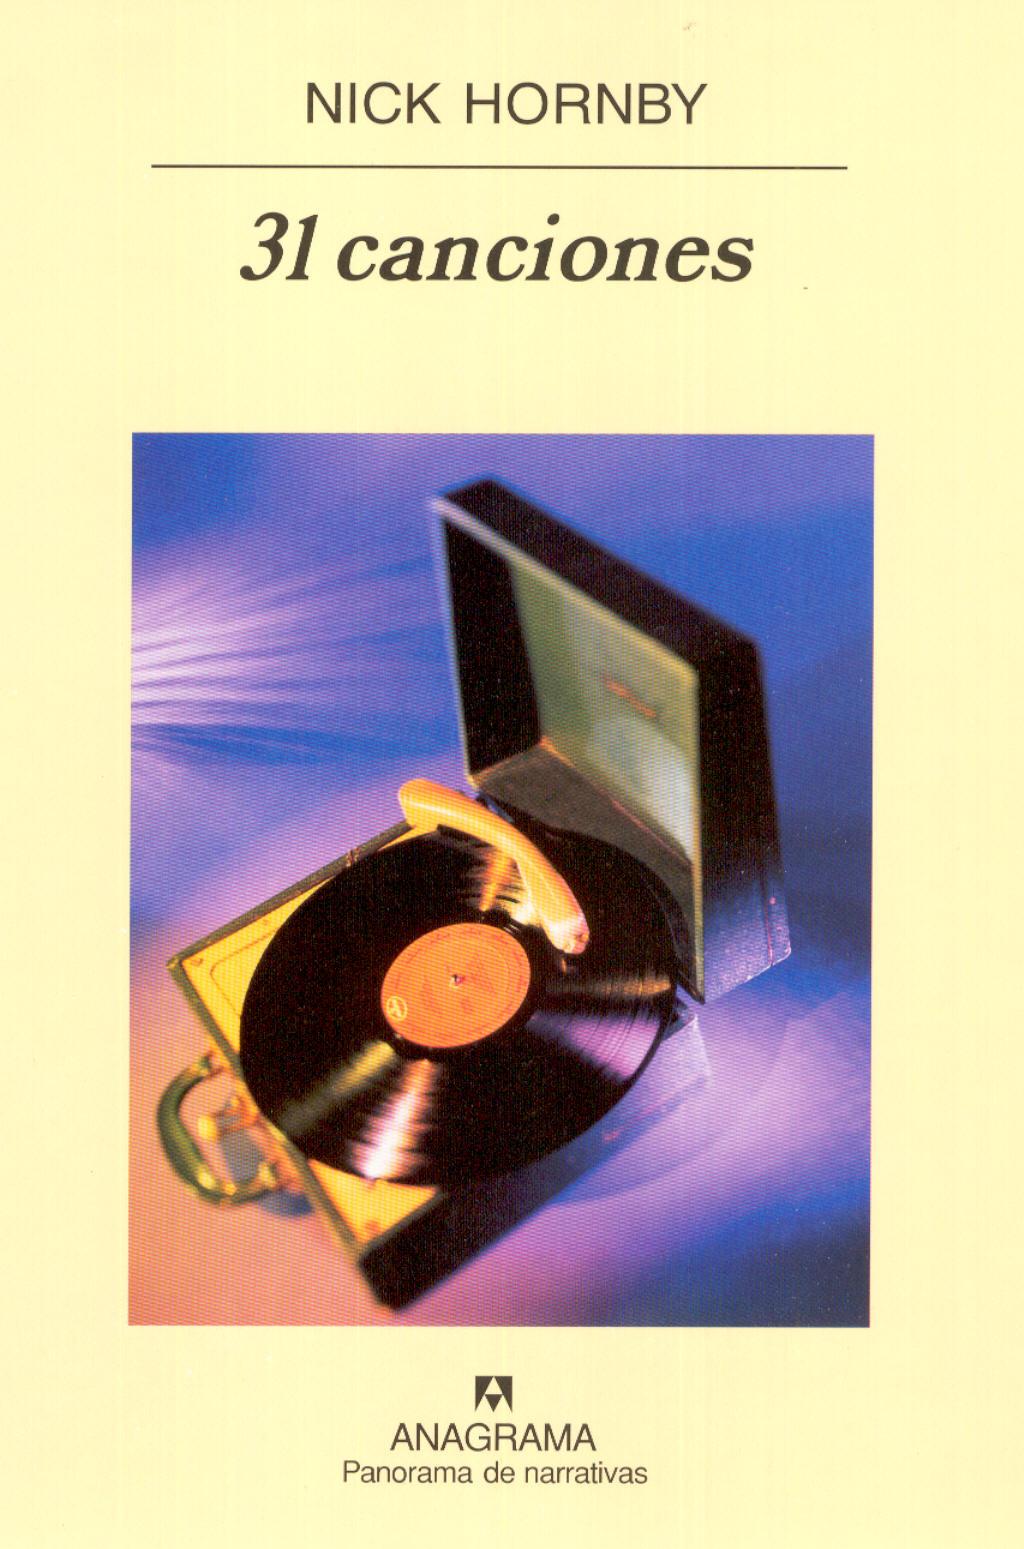 31 canciones - Hornby, Nick - 978-84-339-7042-8 - Editorial Anagrama